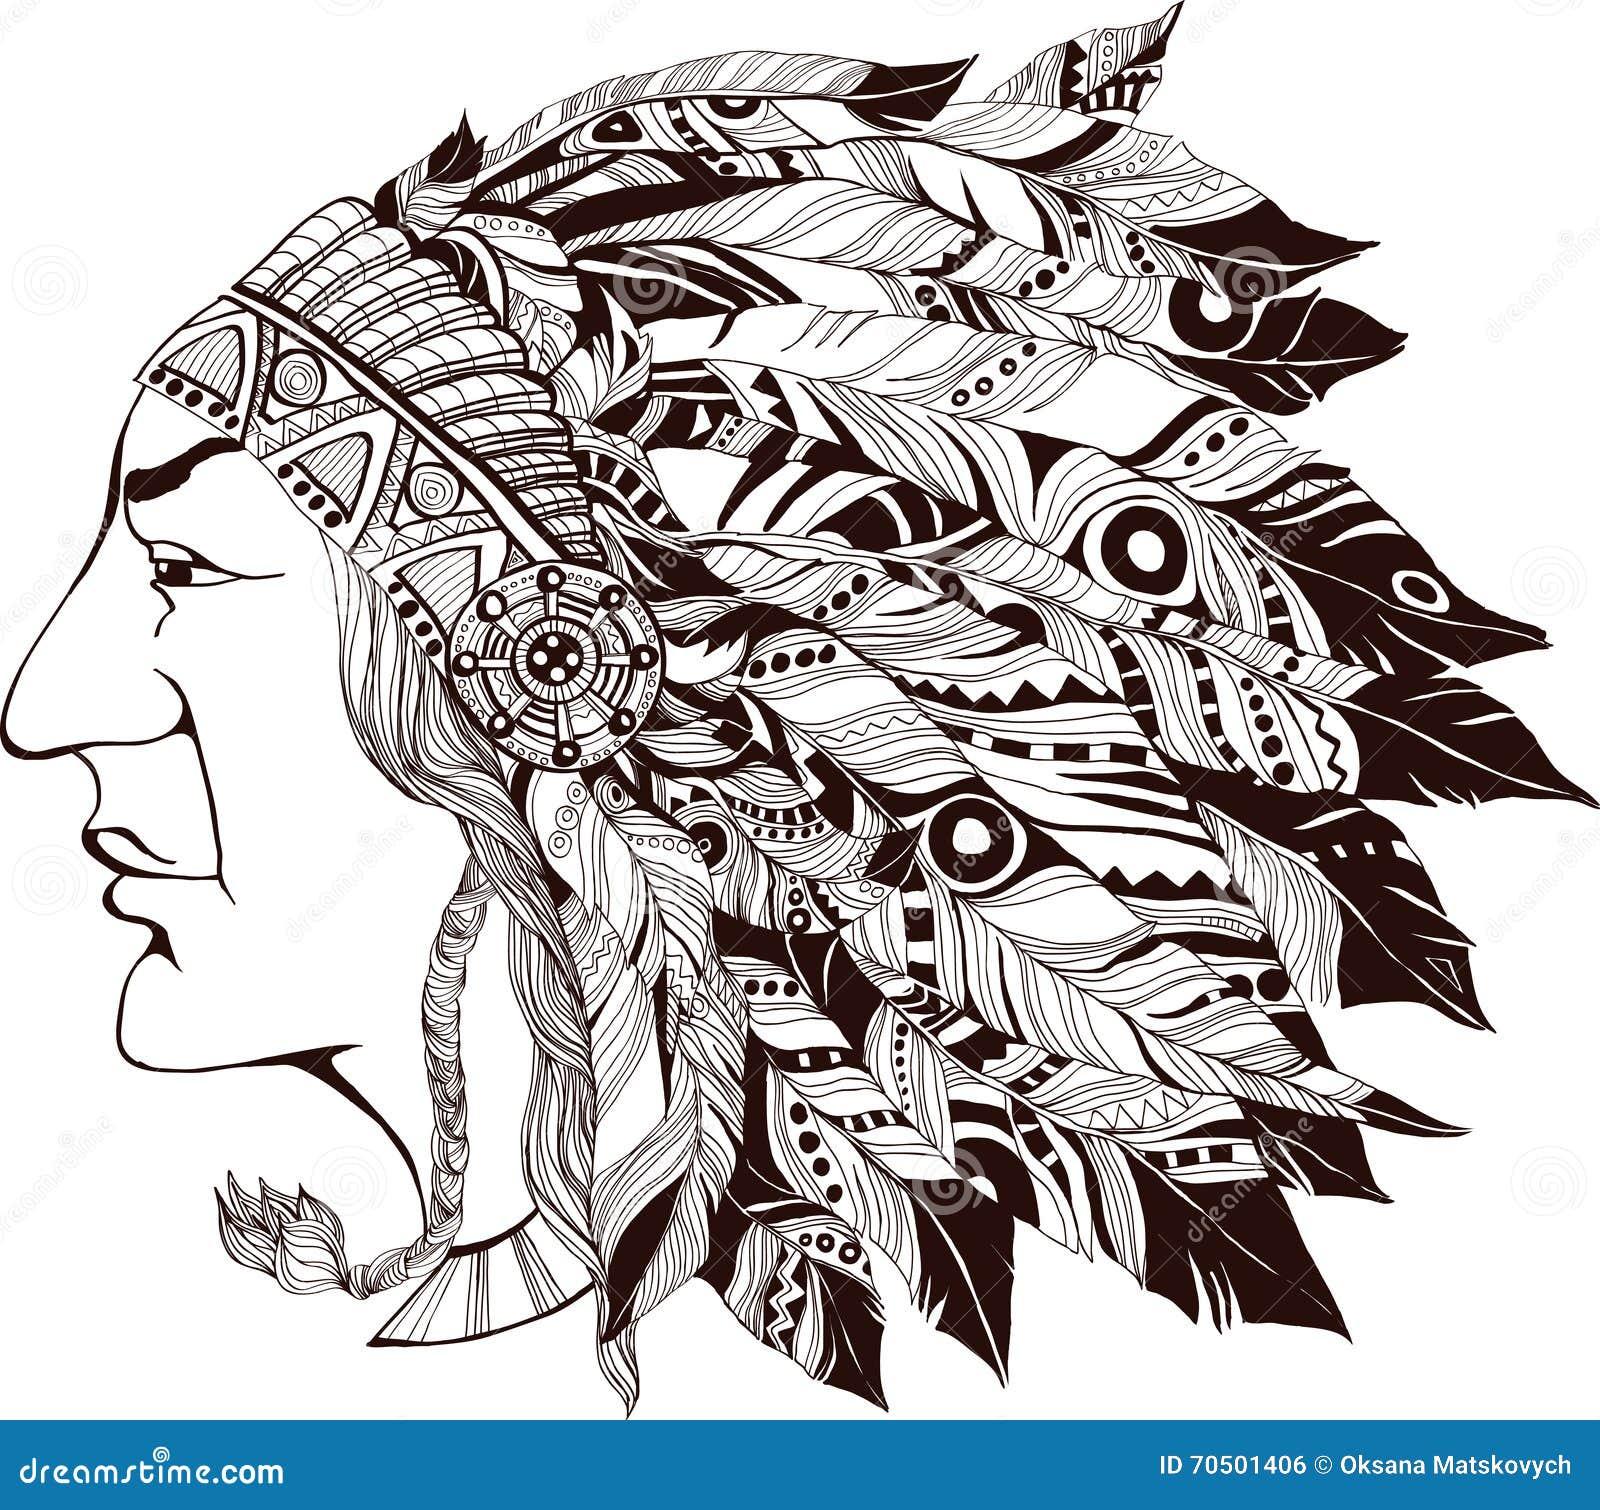 Jefe indio norteamericano - ejemplo